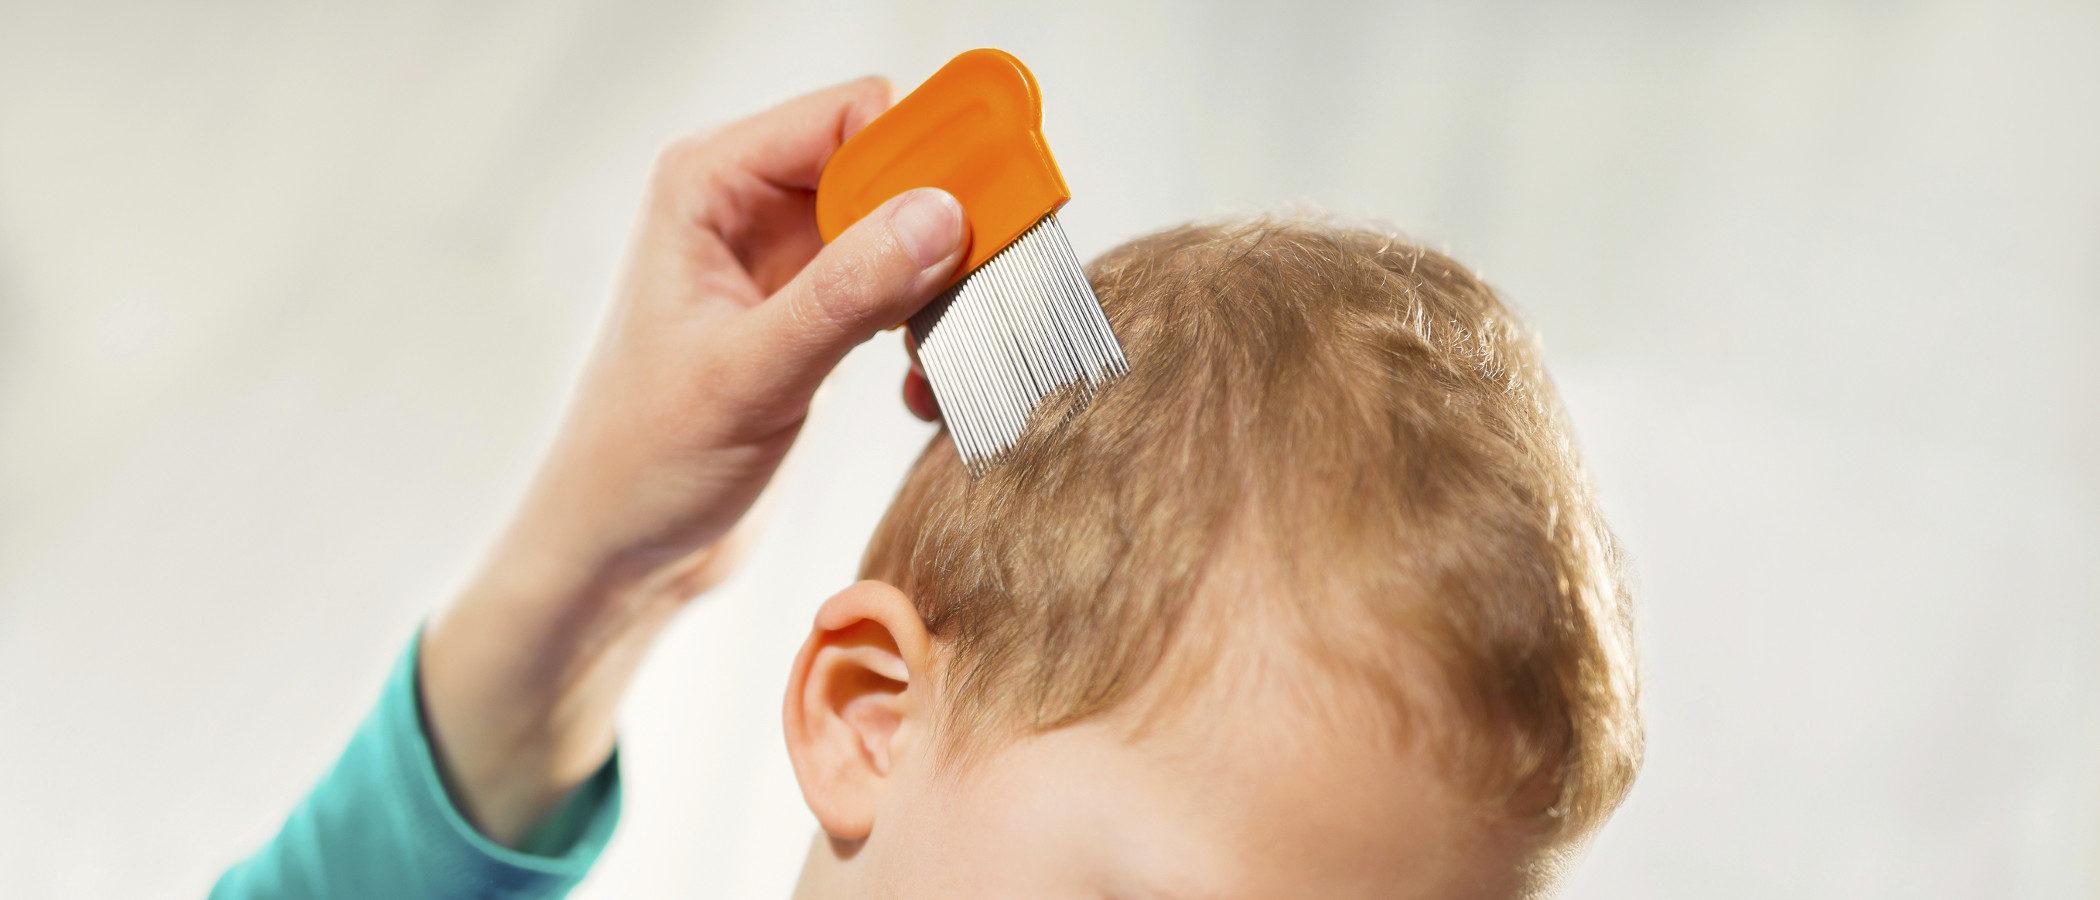 Cómo prevenir que nuestros hijos cojan liendres y piojos